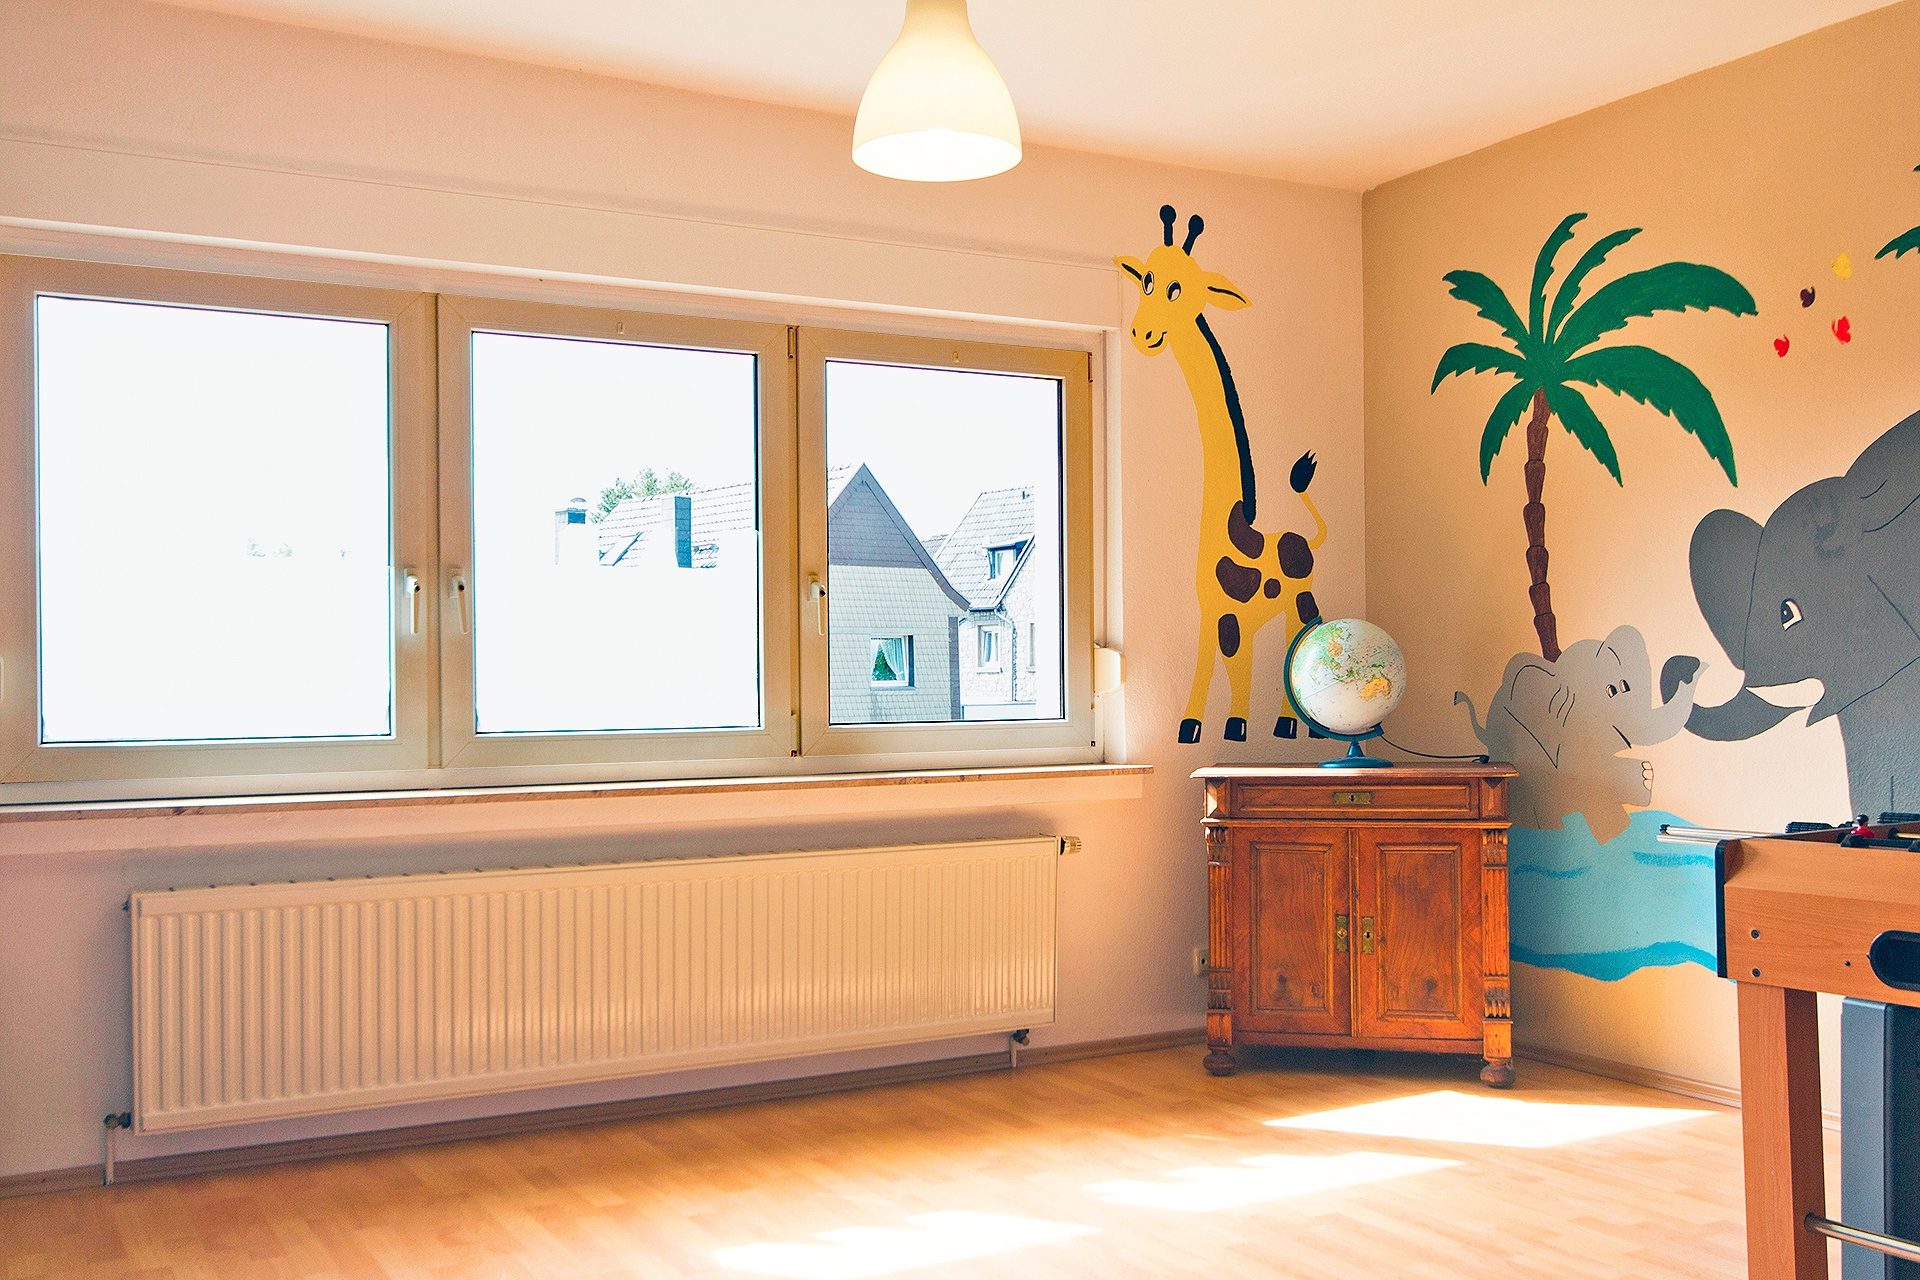 Immobilienmakler Stolberg Reiheneckhaus referenzen mit Immobilienbewertung